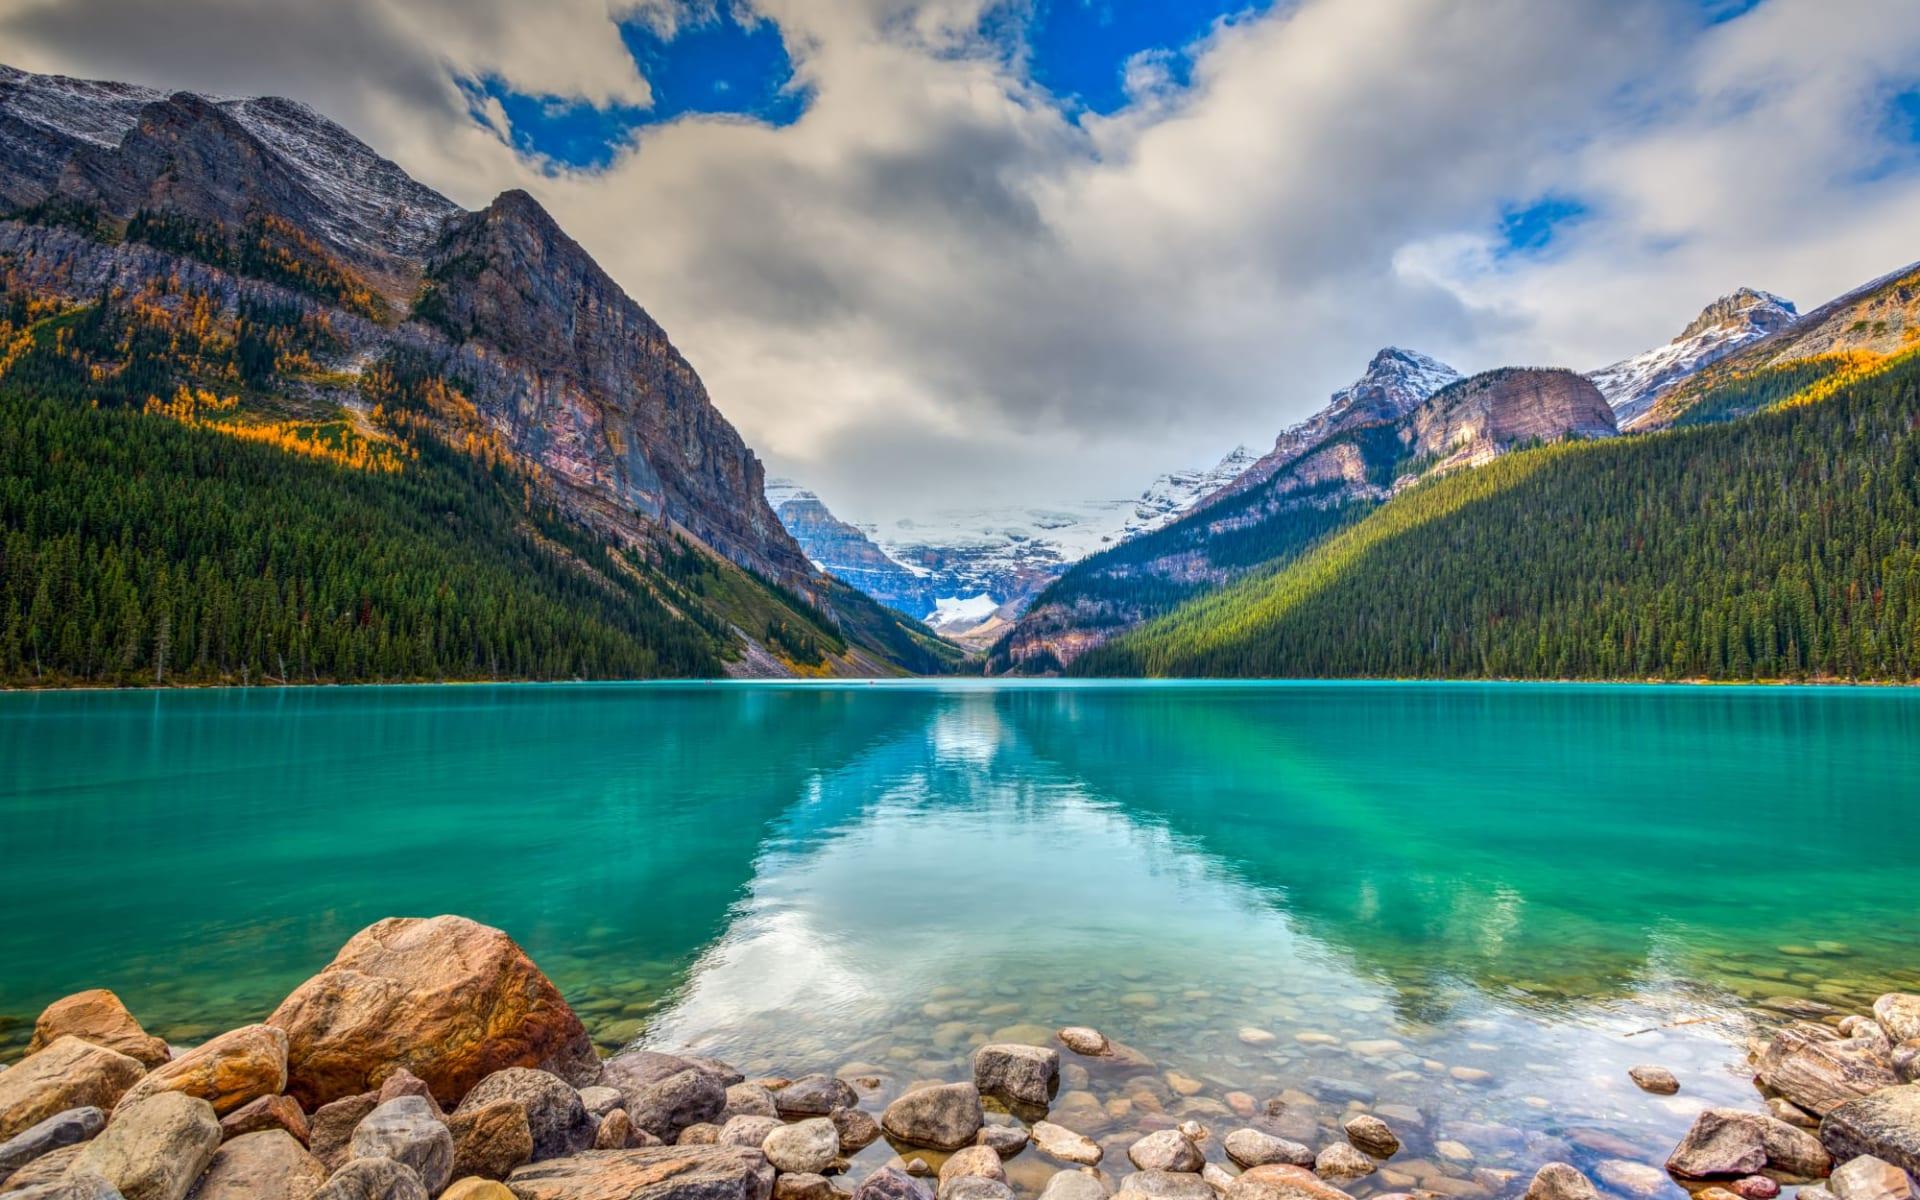 Paradise Lodge & Bungalows in Lake Louise: kanada_lake_louise_banff